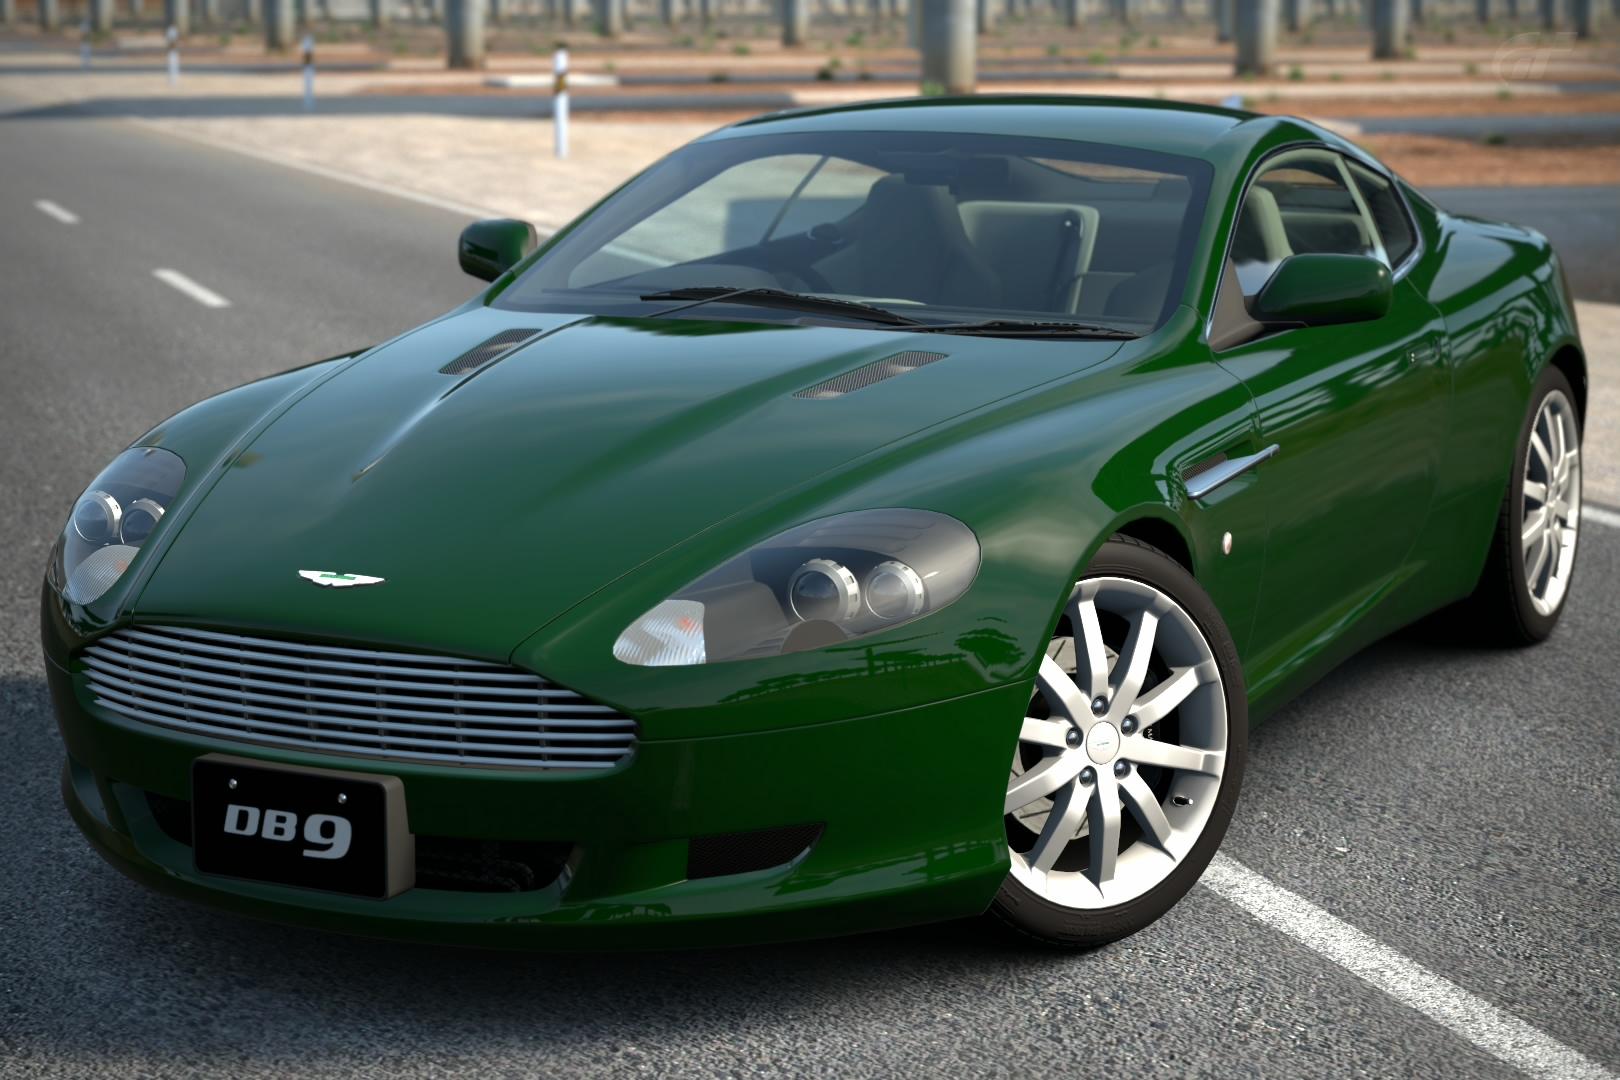 Aston Martin Db9 Coupe 06 Gran Turismo Wiki Fandom